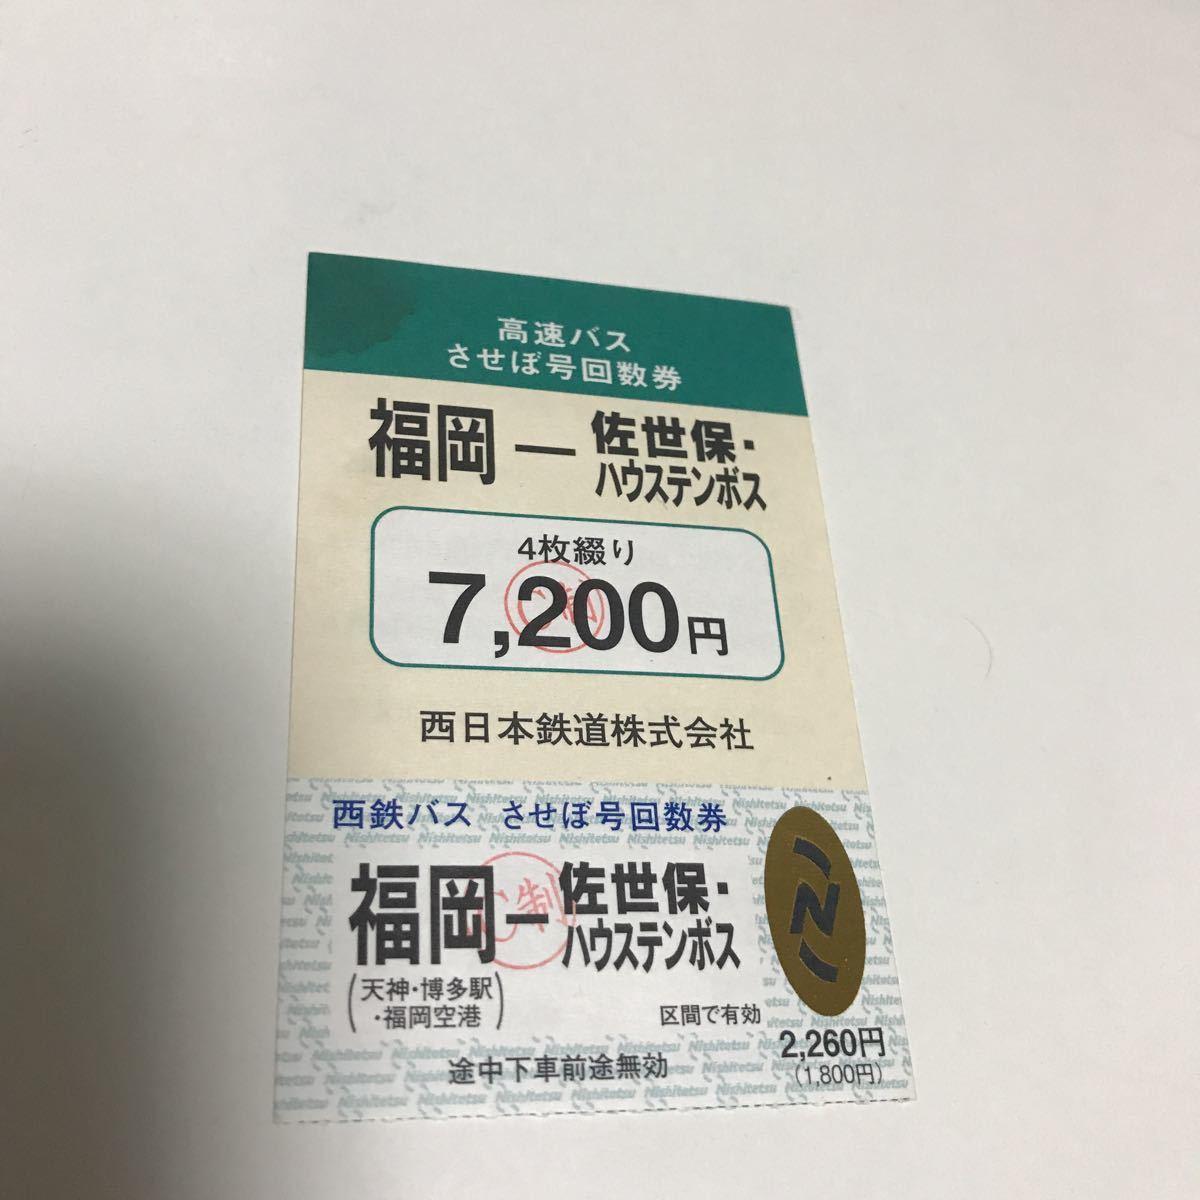 高速バス佐世保号 バスチケット 福岡 佐世保・ハウステンボス _画像1